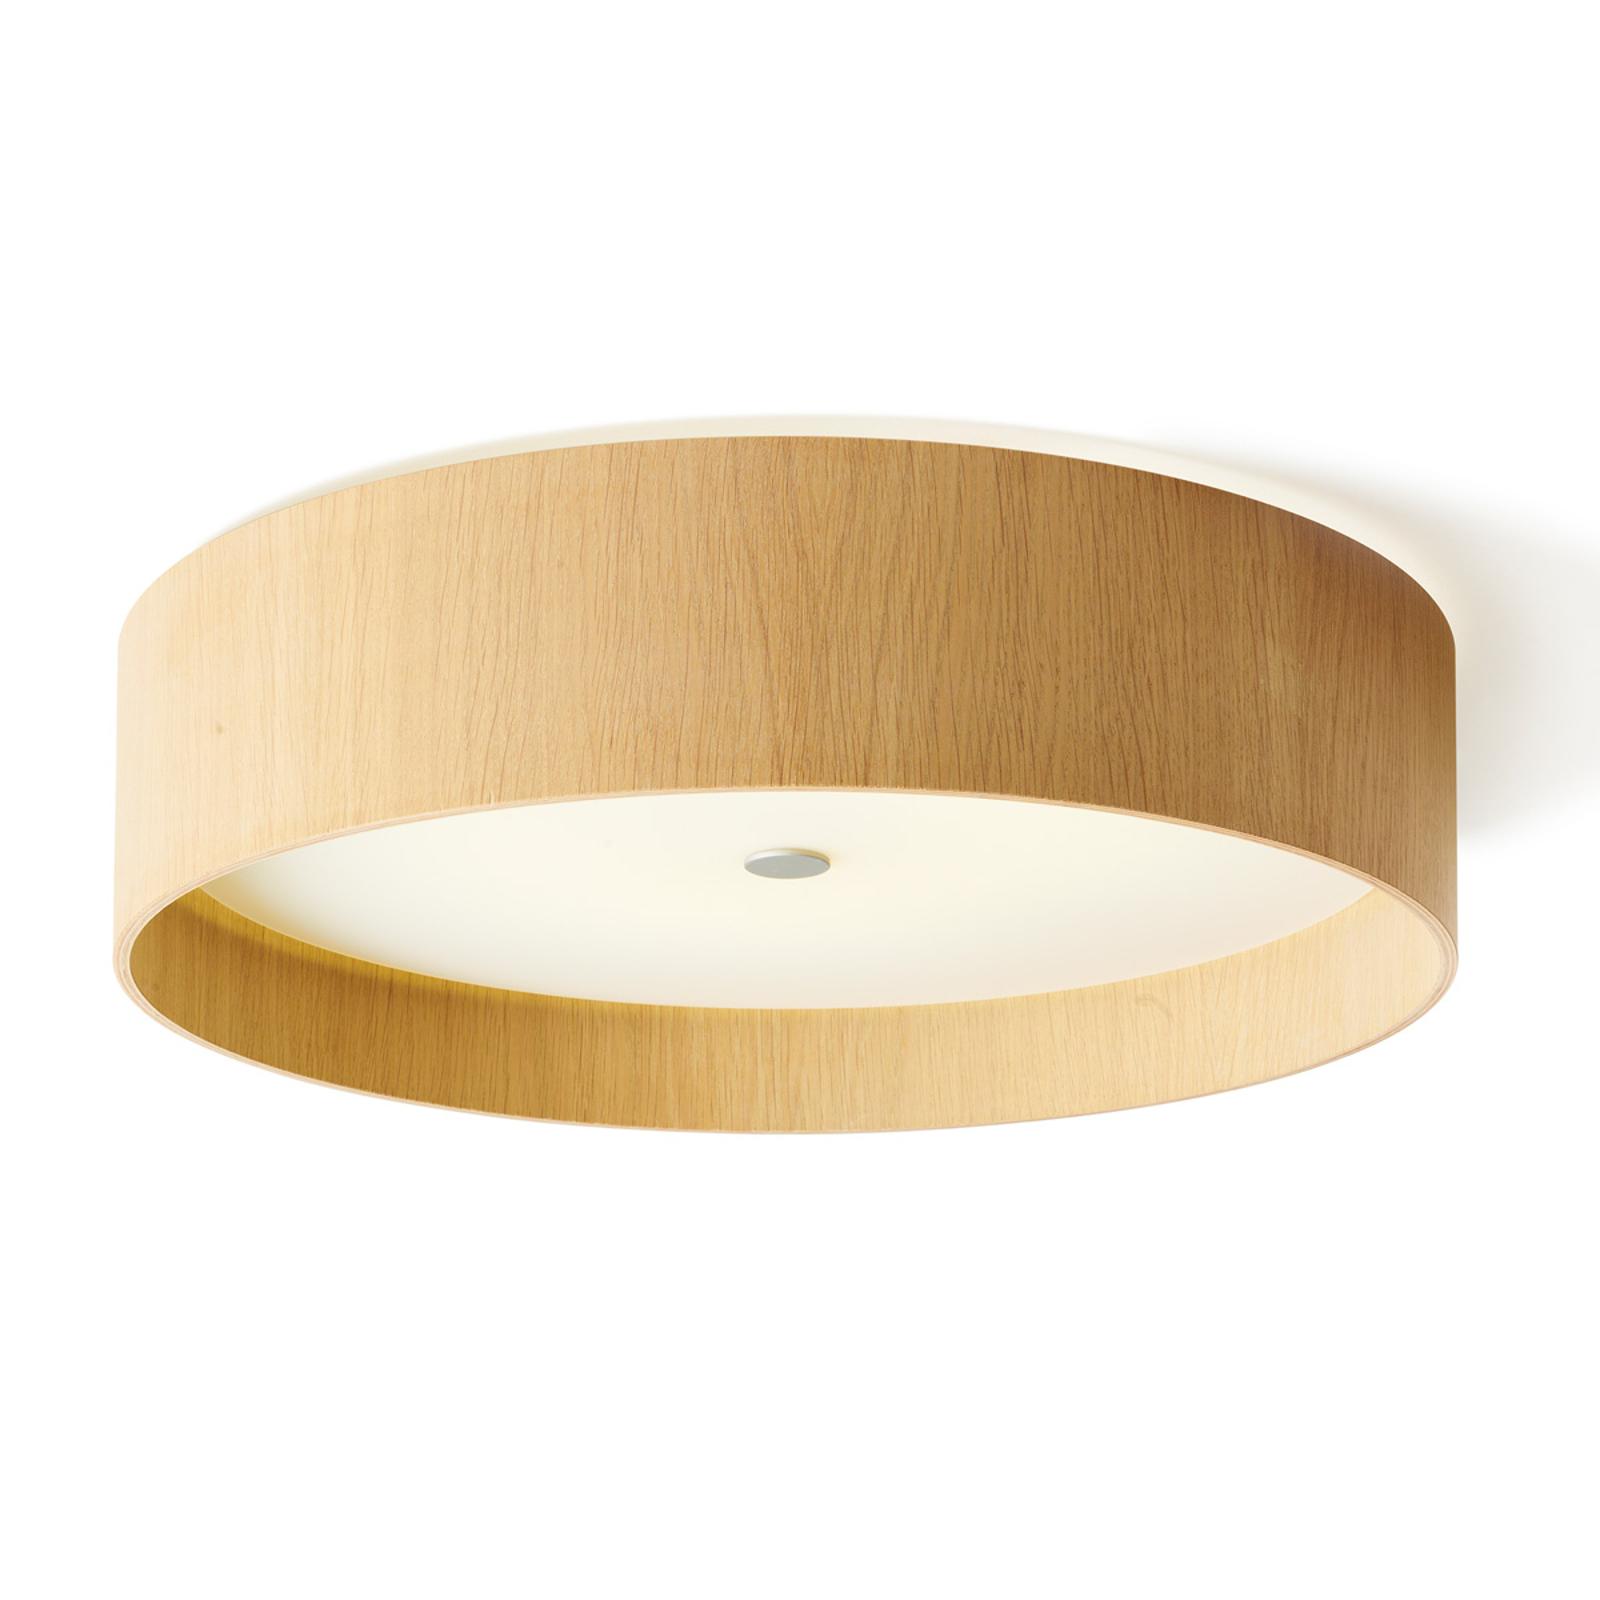 Ronde LED plafondlamp Lara wood, wit eiken, 55 cm